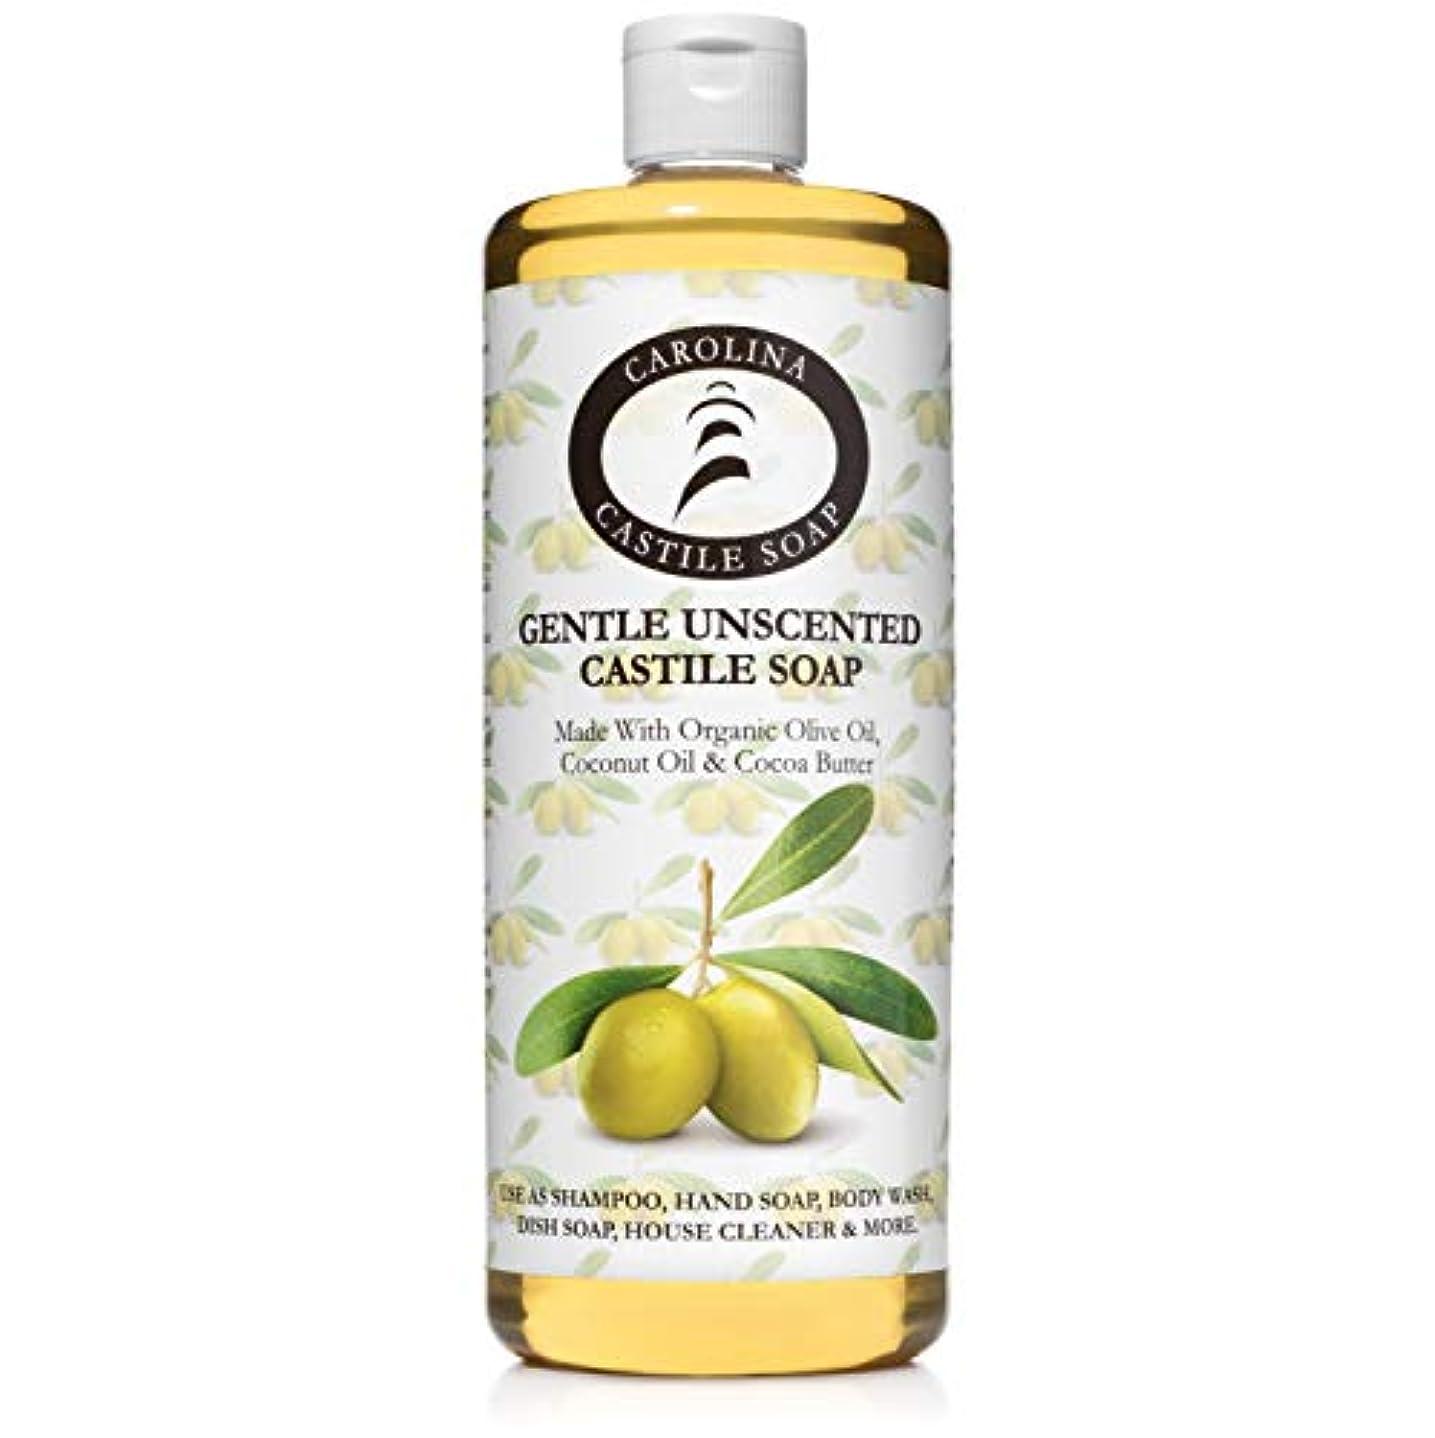 金曜日本部侵略Carolina Castile Soap ジェントル無香料認定オーガニック 32オズ